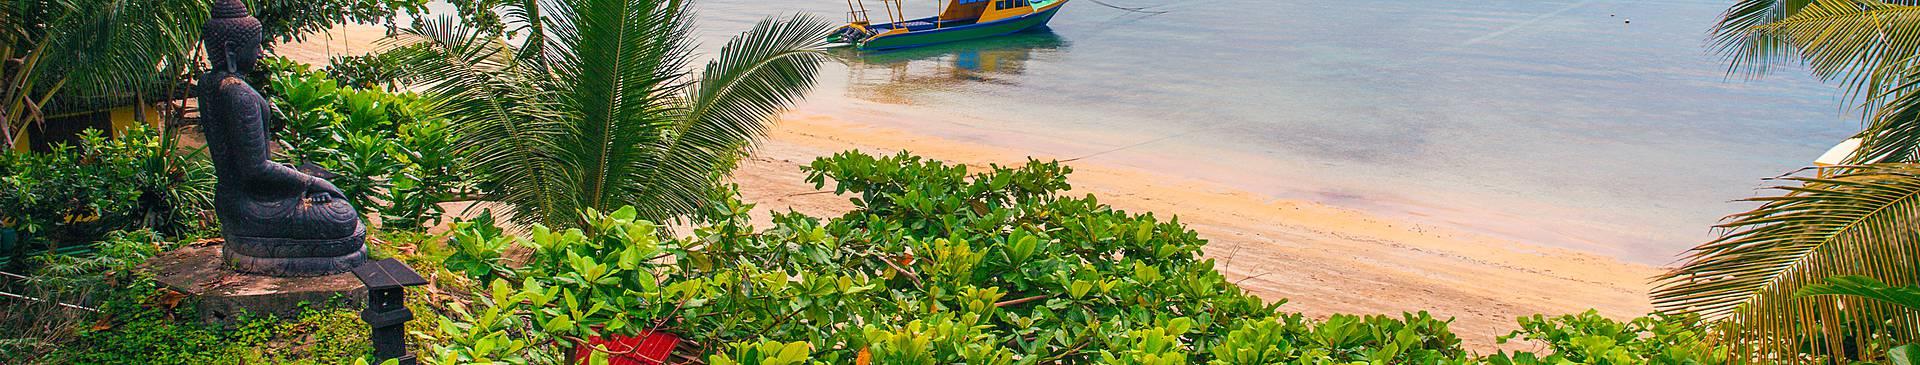 Découverte des îles d'Indonésie